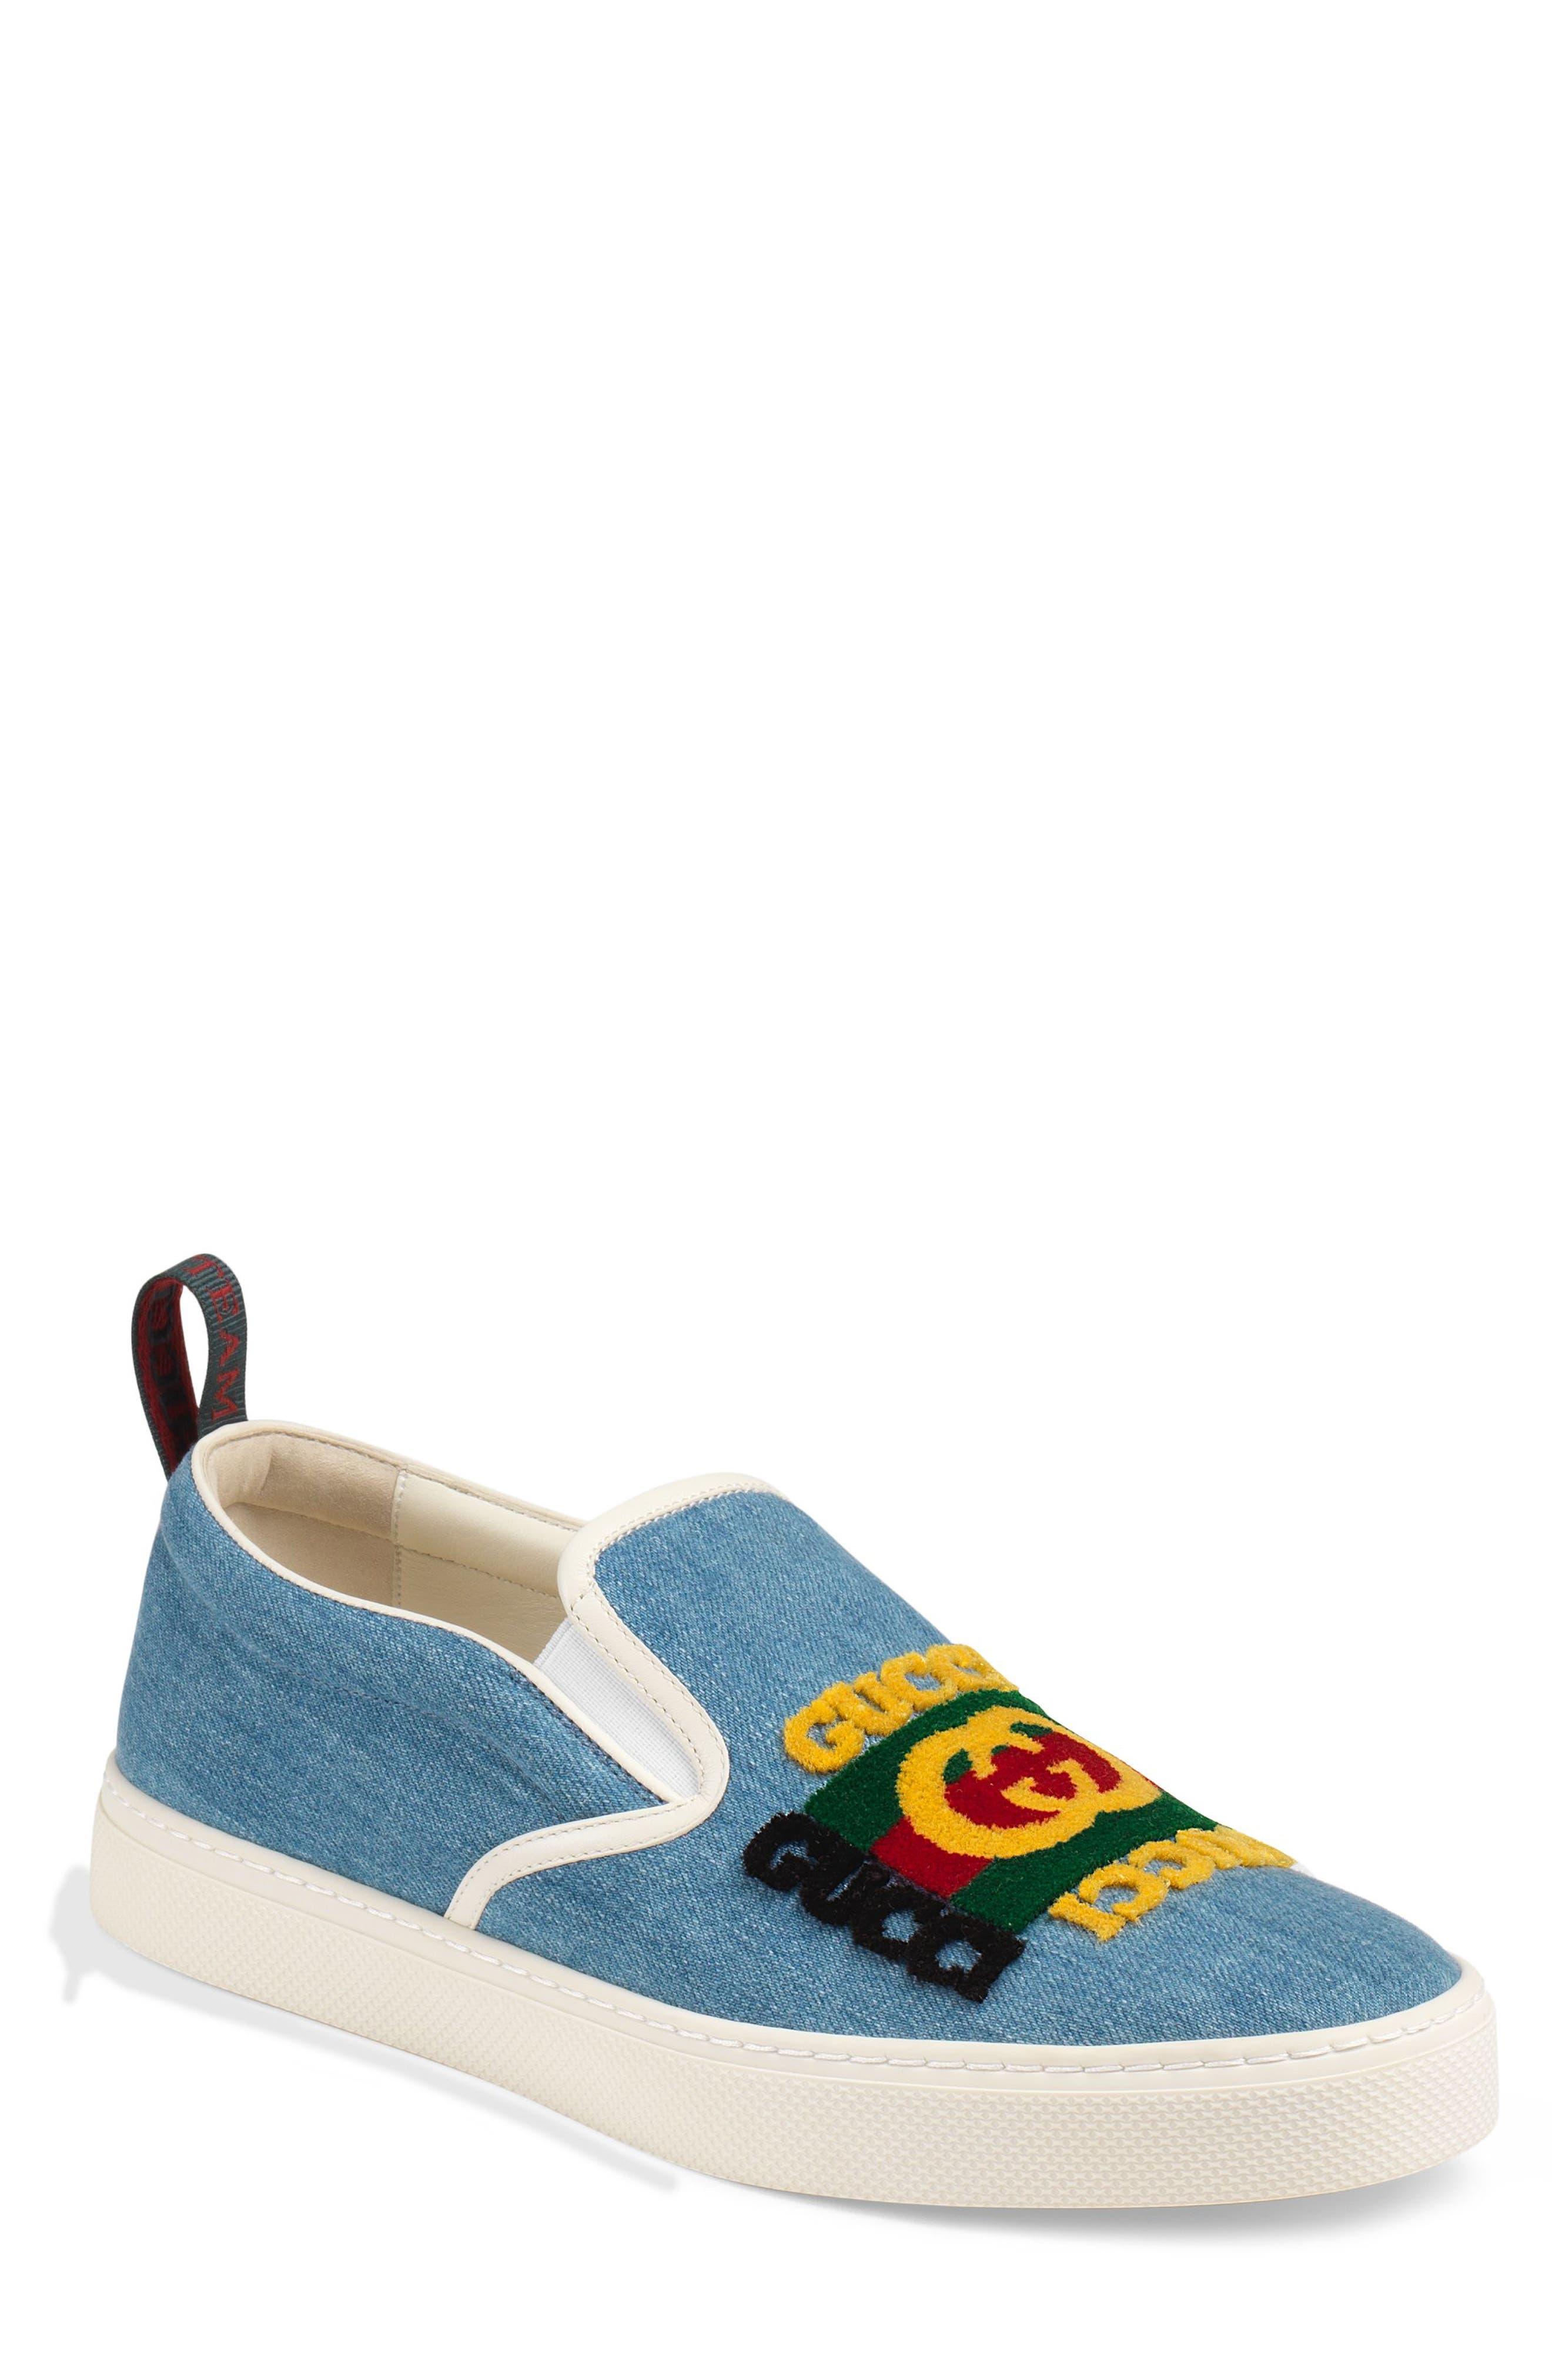 Dublin Slip-On Sneaker,                             Main thumbnail 1, color,                             BLUE/ BLACK